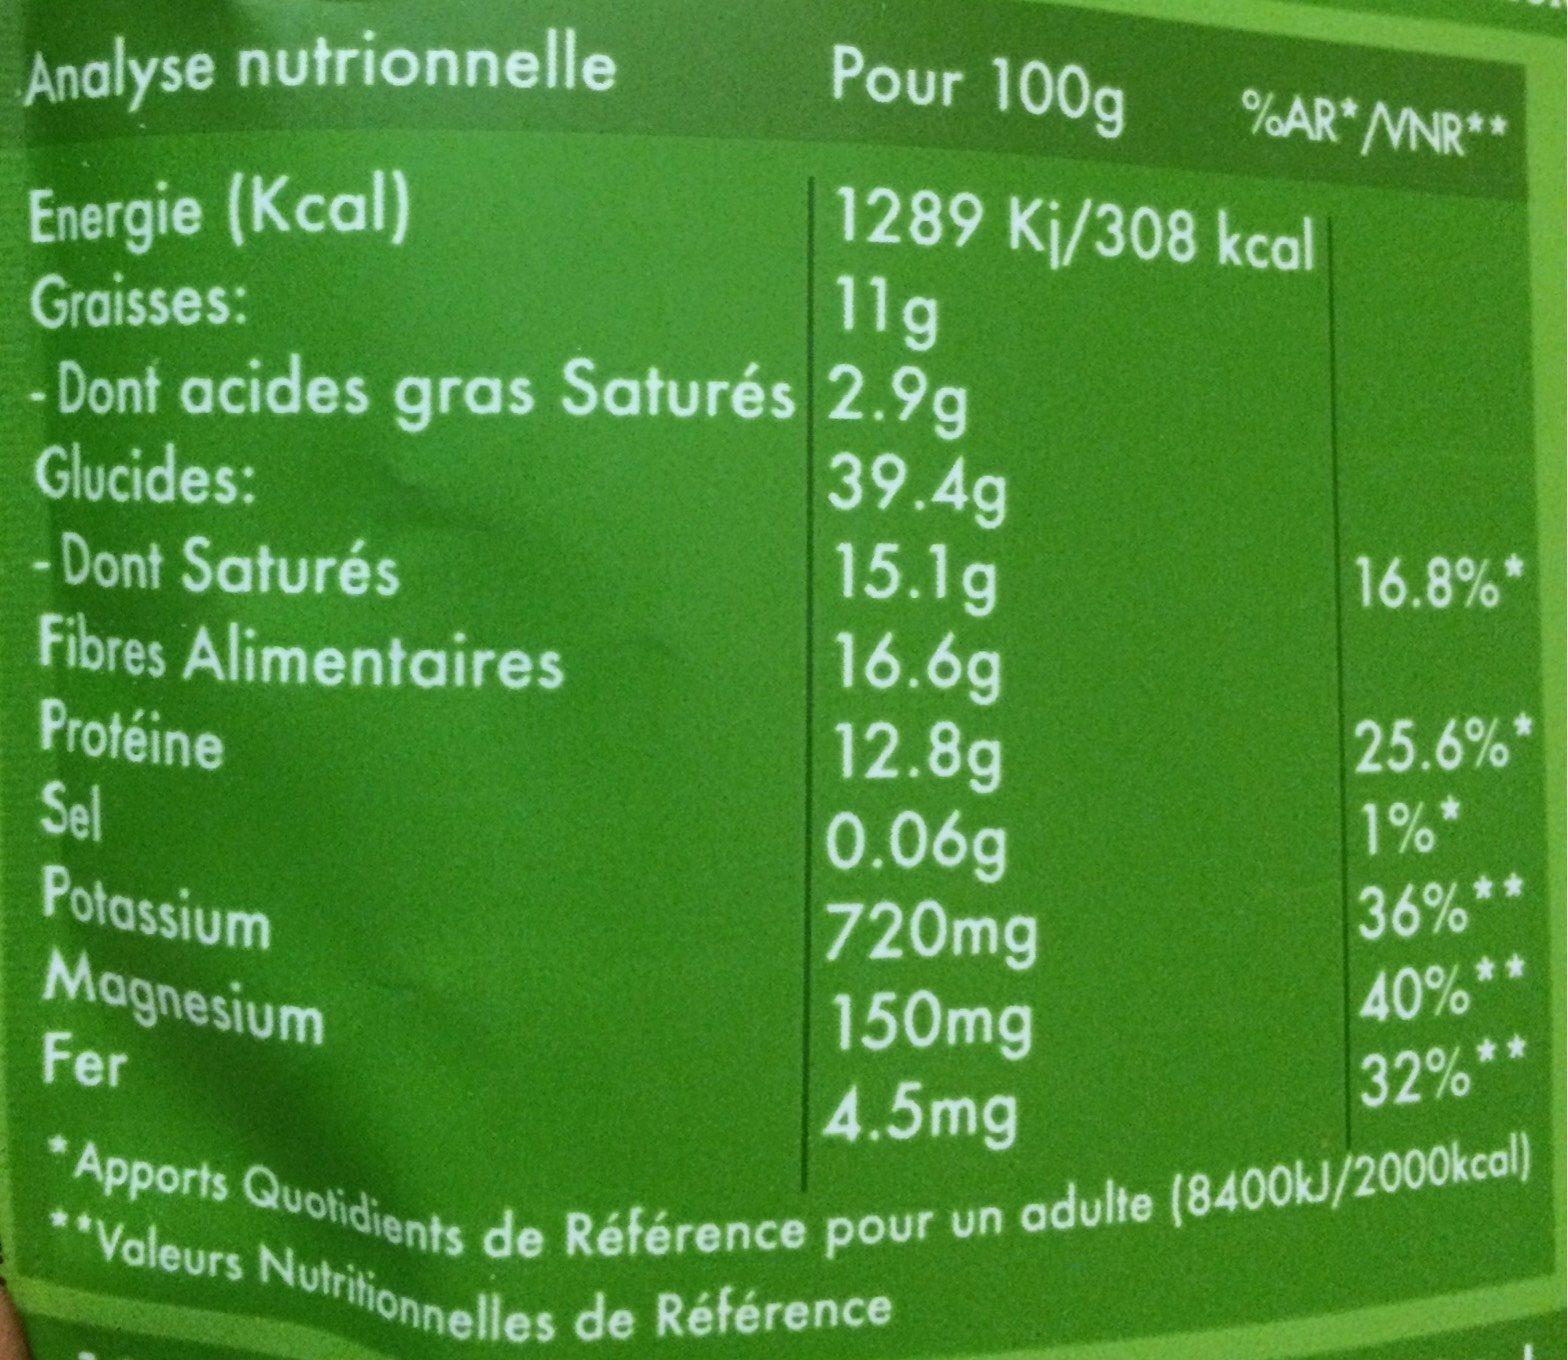 EVEIL DU BOUDDHA ANANAS & HERBE DE BLÉ - Informations nutritionnelles